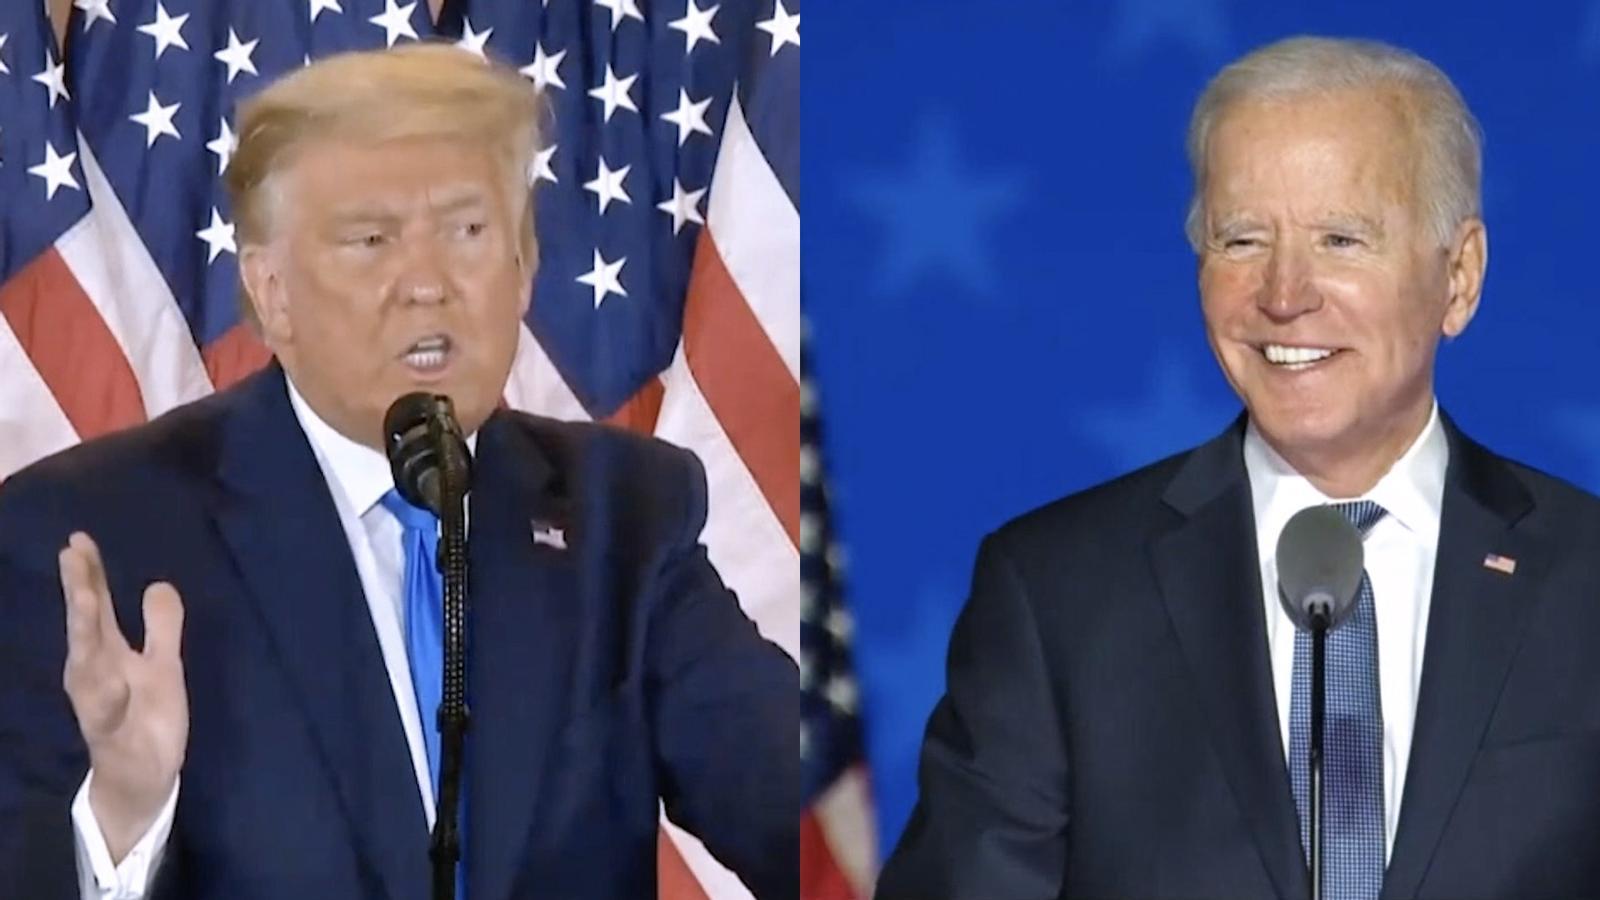 Encara no hi ha guanyador als EUA però Trump acusa Biden de frau i portarà els resultats al Tribunal Suprem: les claus del dia, amb Antoni Bassas (04/11/2020)